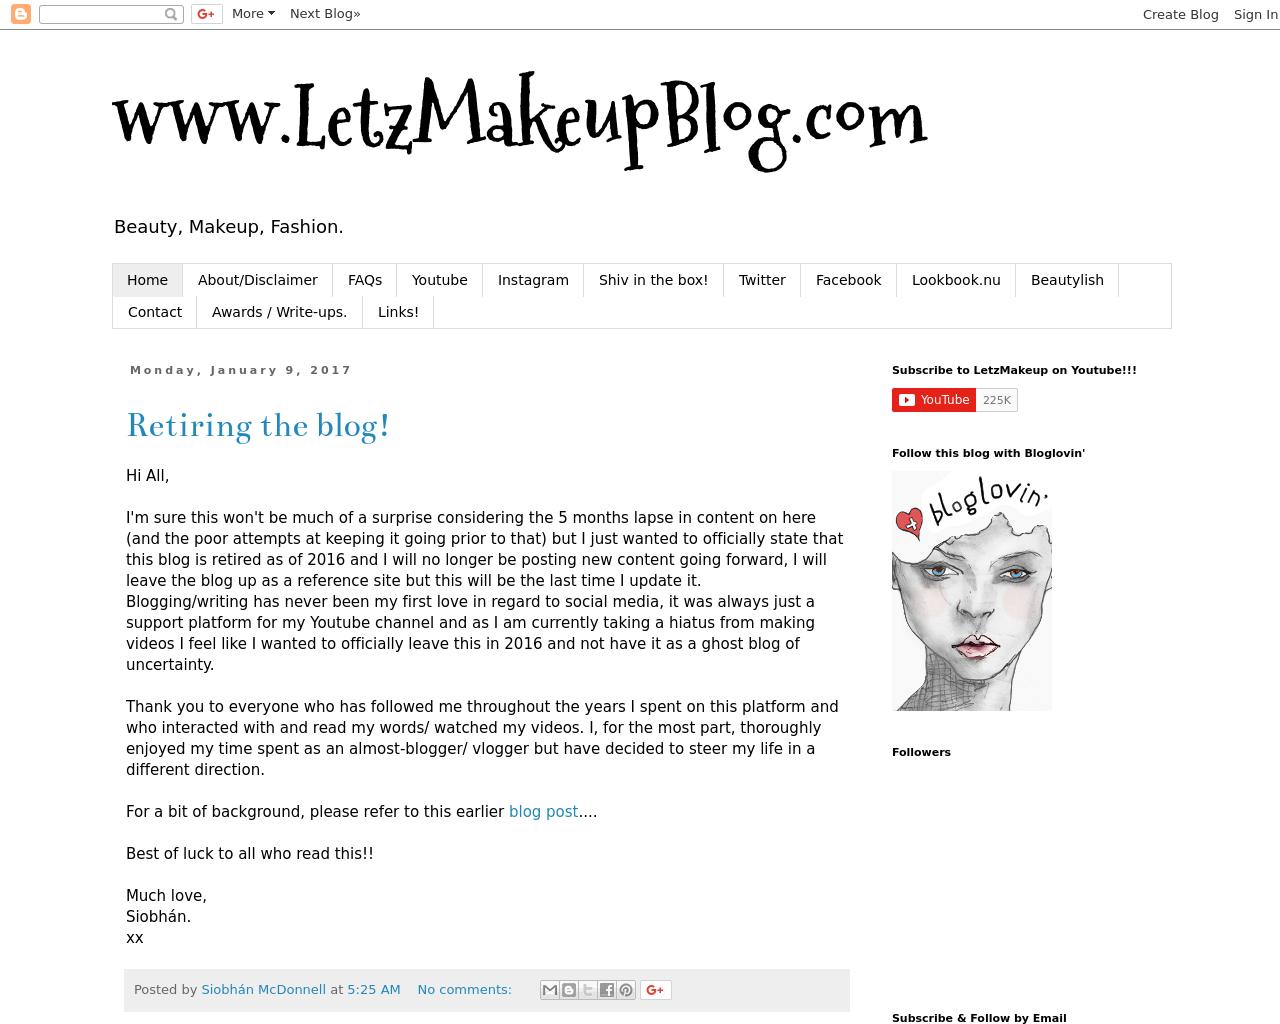 Letz-Makeup-Blog-Advertising-Reviews-Pricing